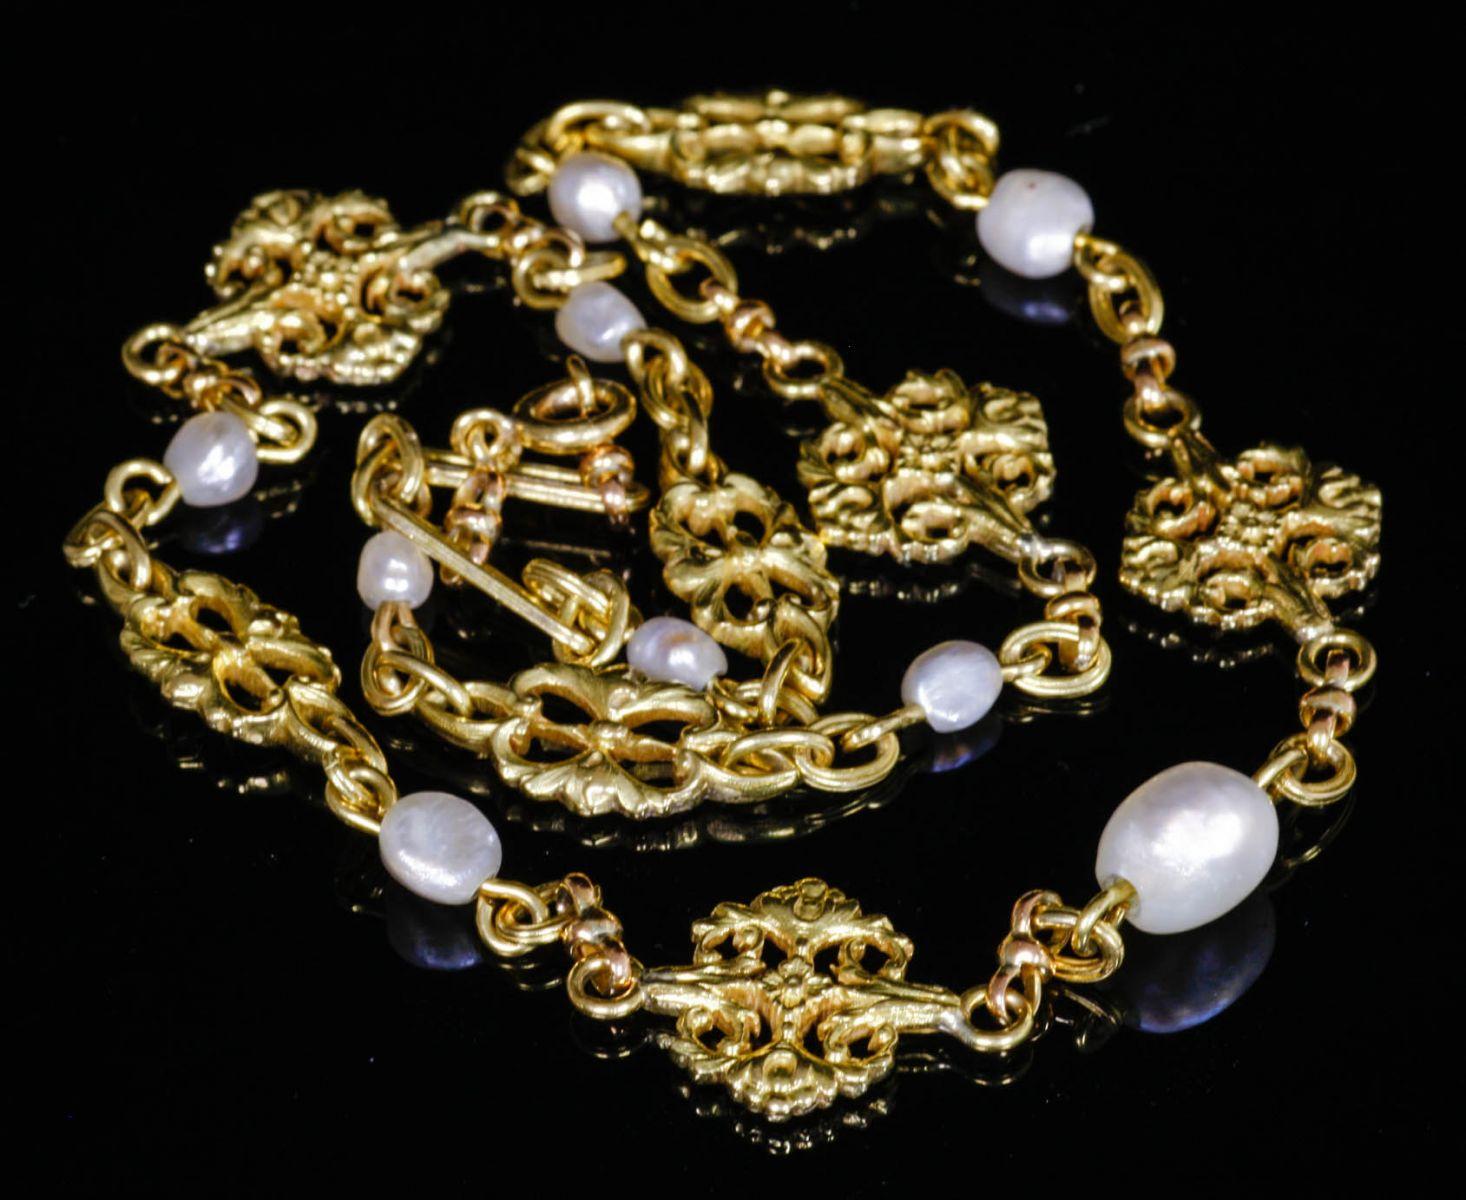 アンティークジュエリー ペンダント ネックレス アールヌーヴォーゴールドネックレス 天然真珠